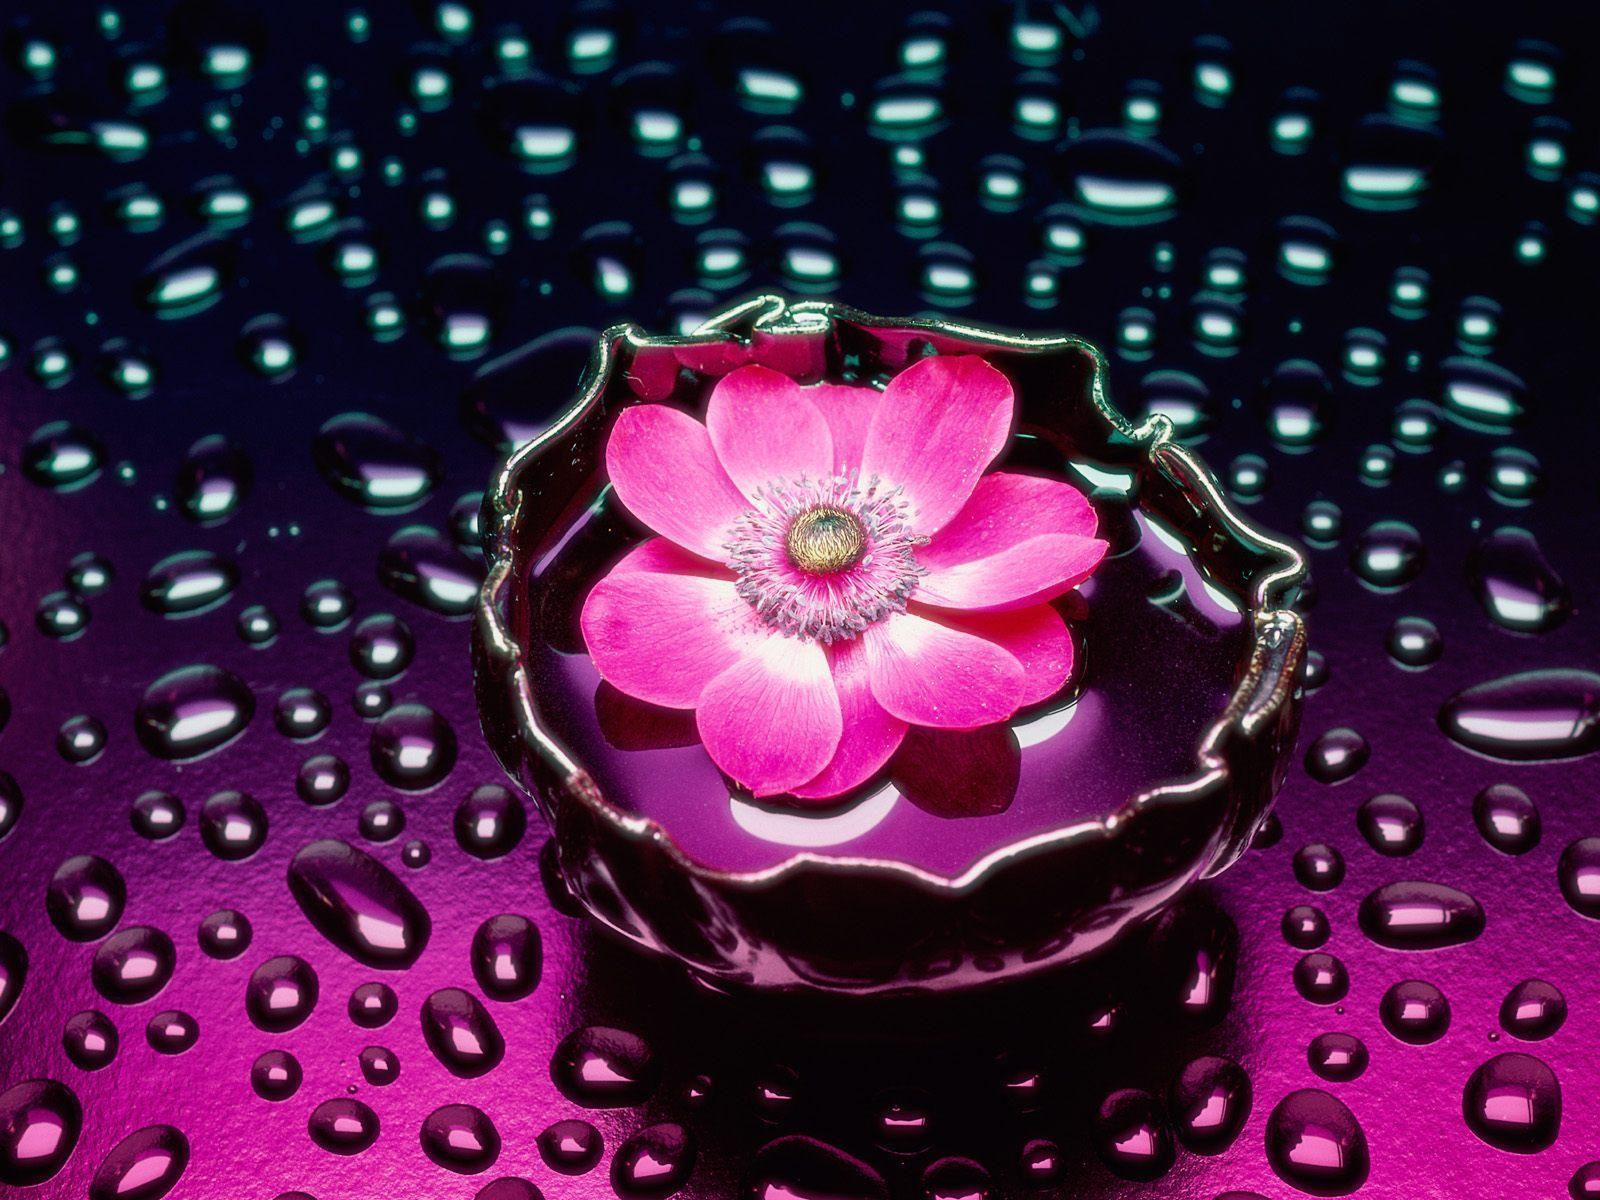 14740 скачать обои Растения, Цветы, Капли - заставки и картинки бесплатно